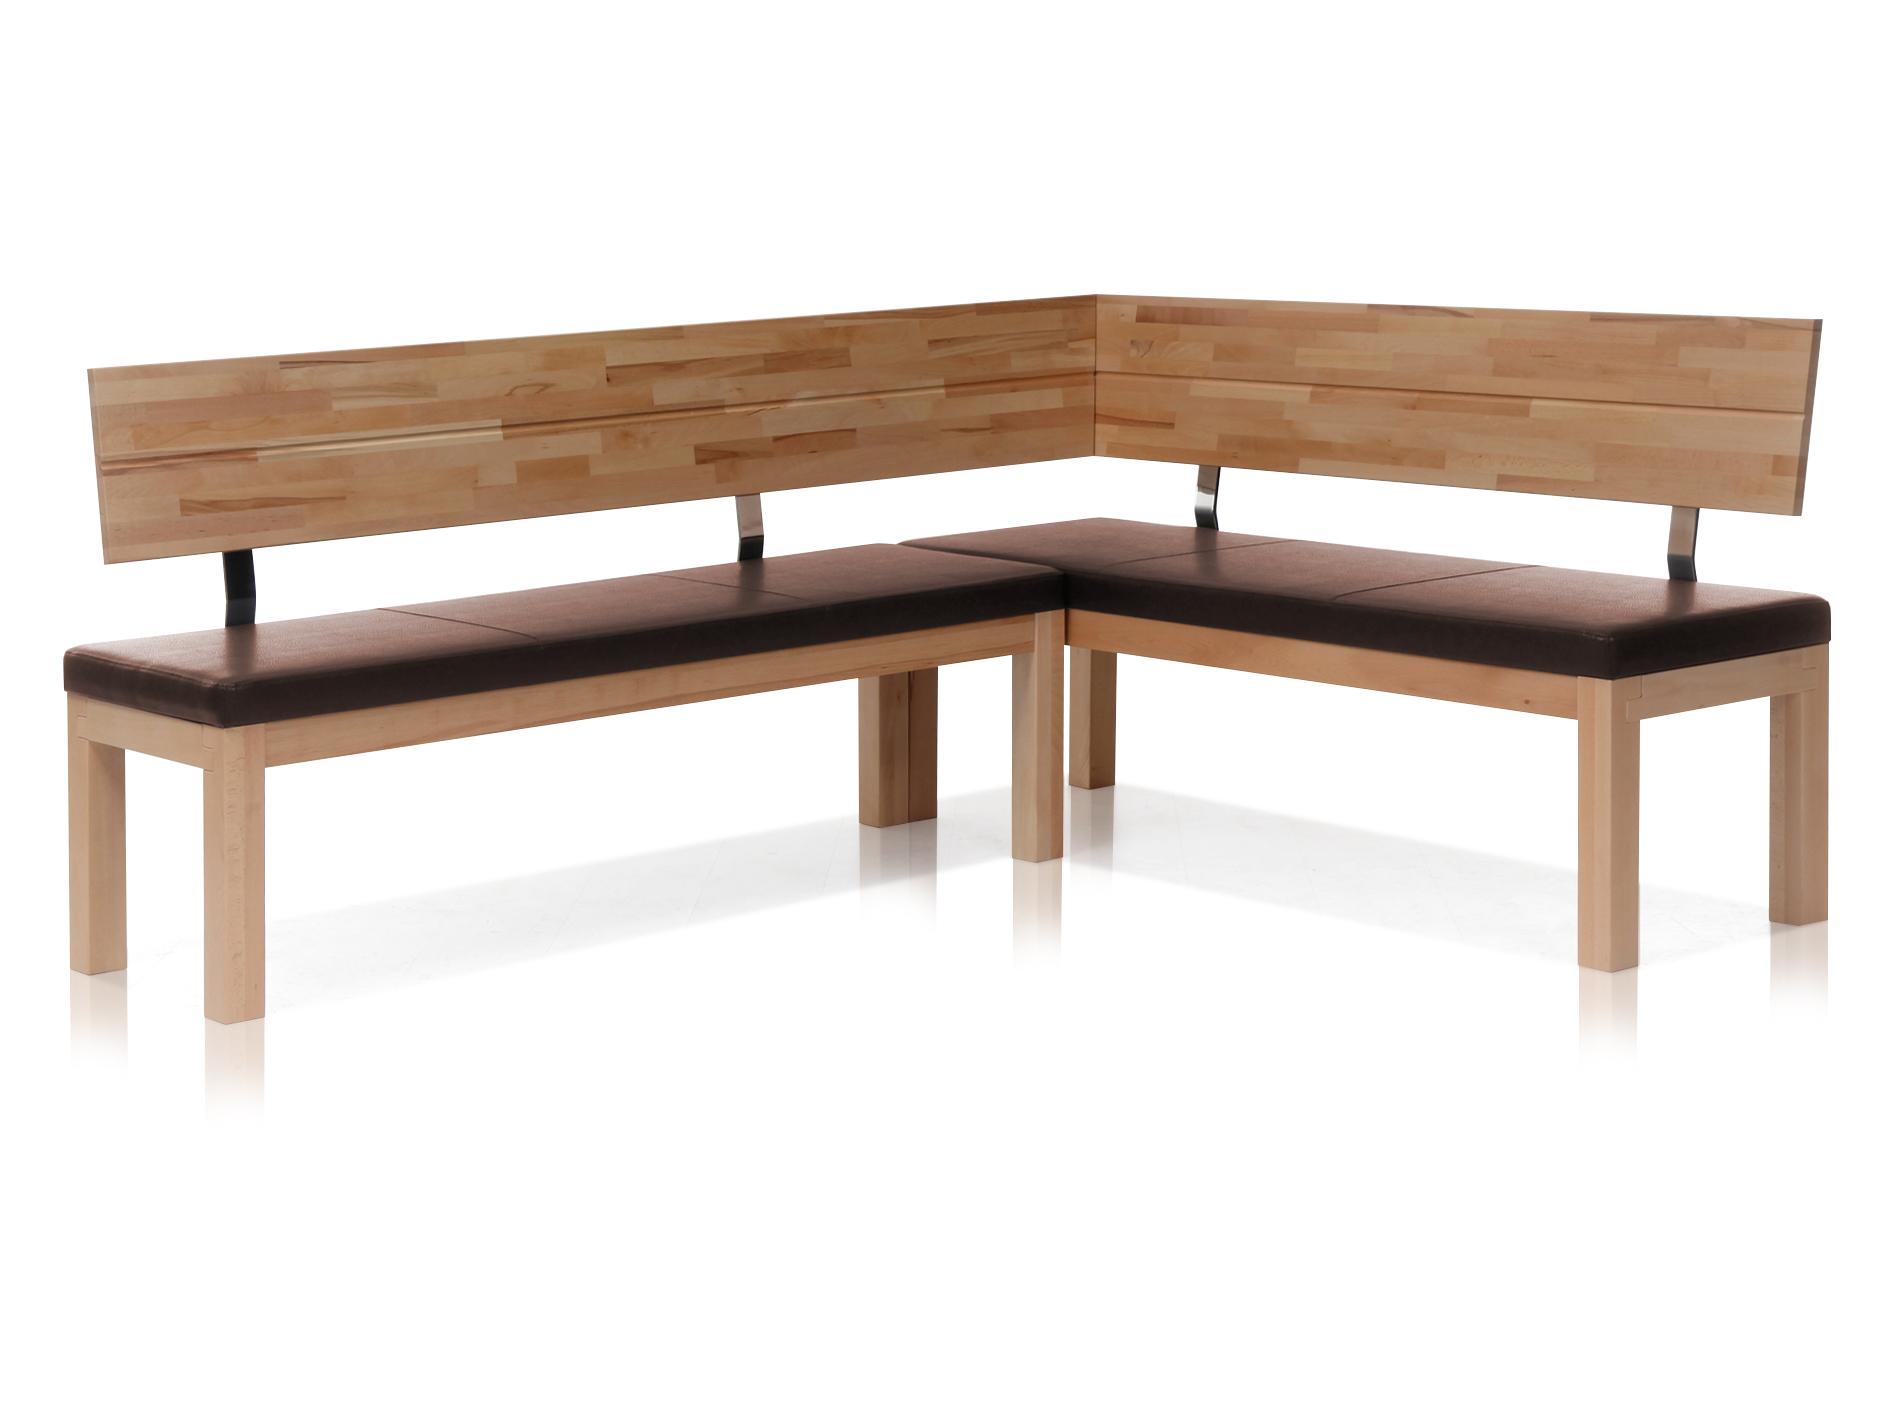 salima eckbank massivholz mit kunstleder bezogen 208 x 171. Black Bedroom Furniture Sets. Home Design Ideas